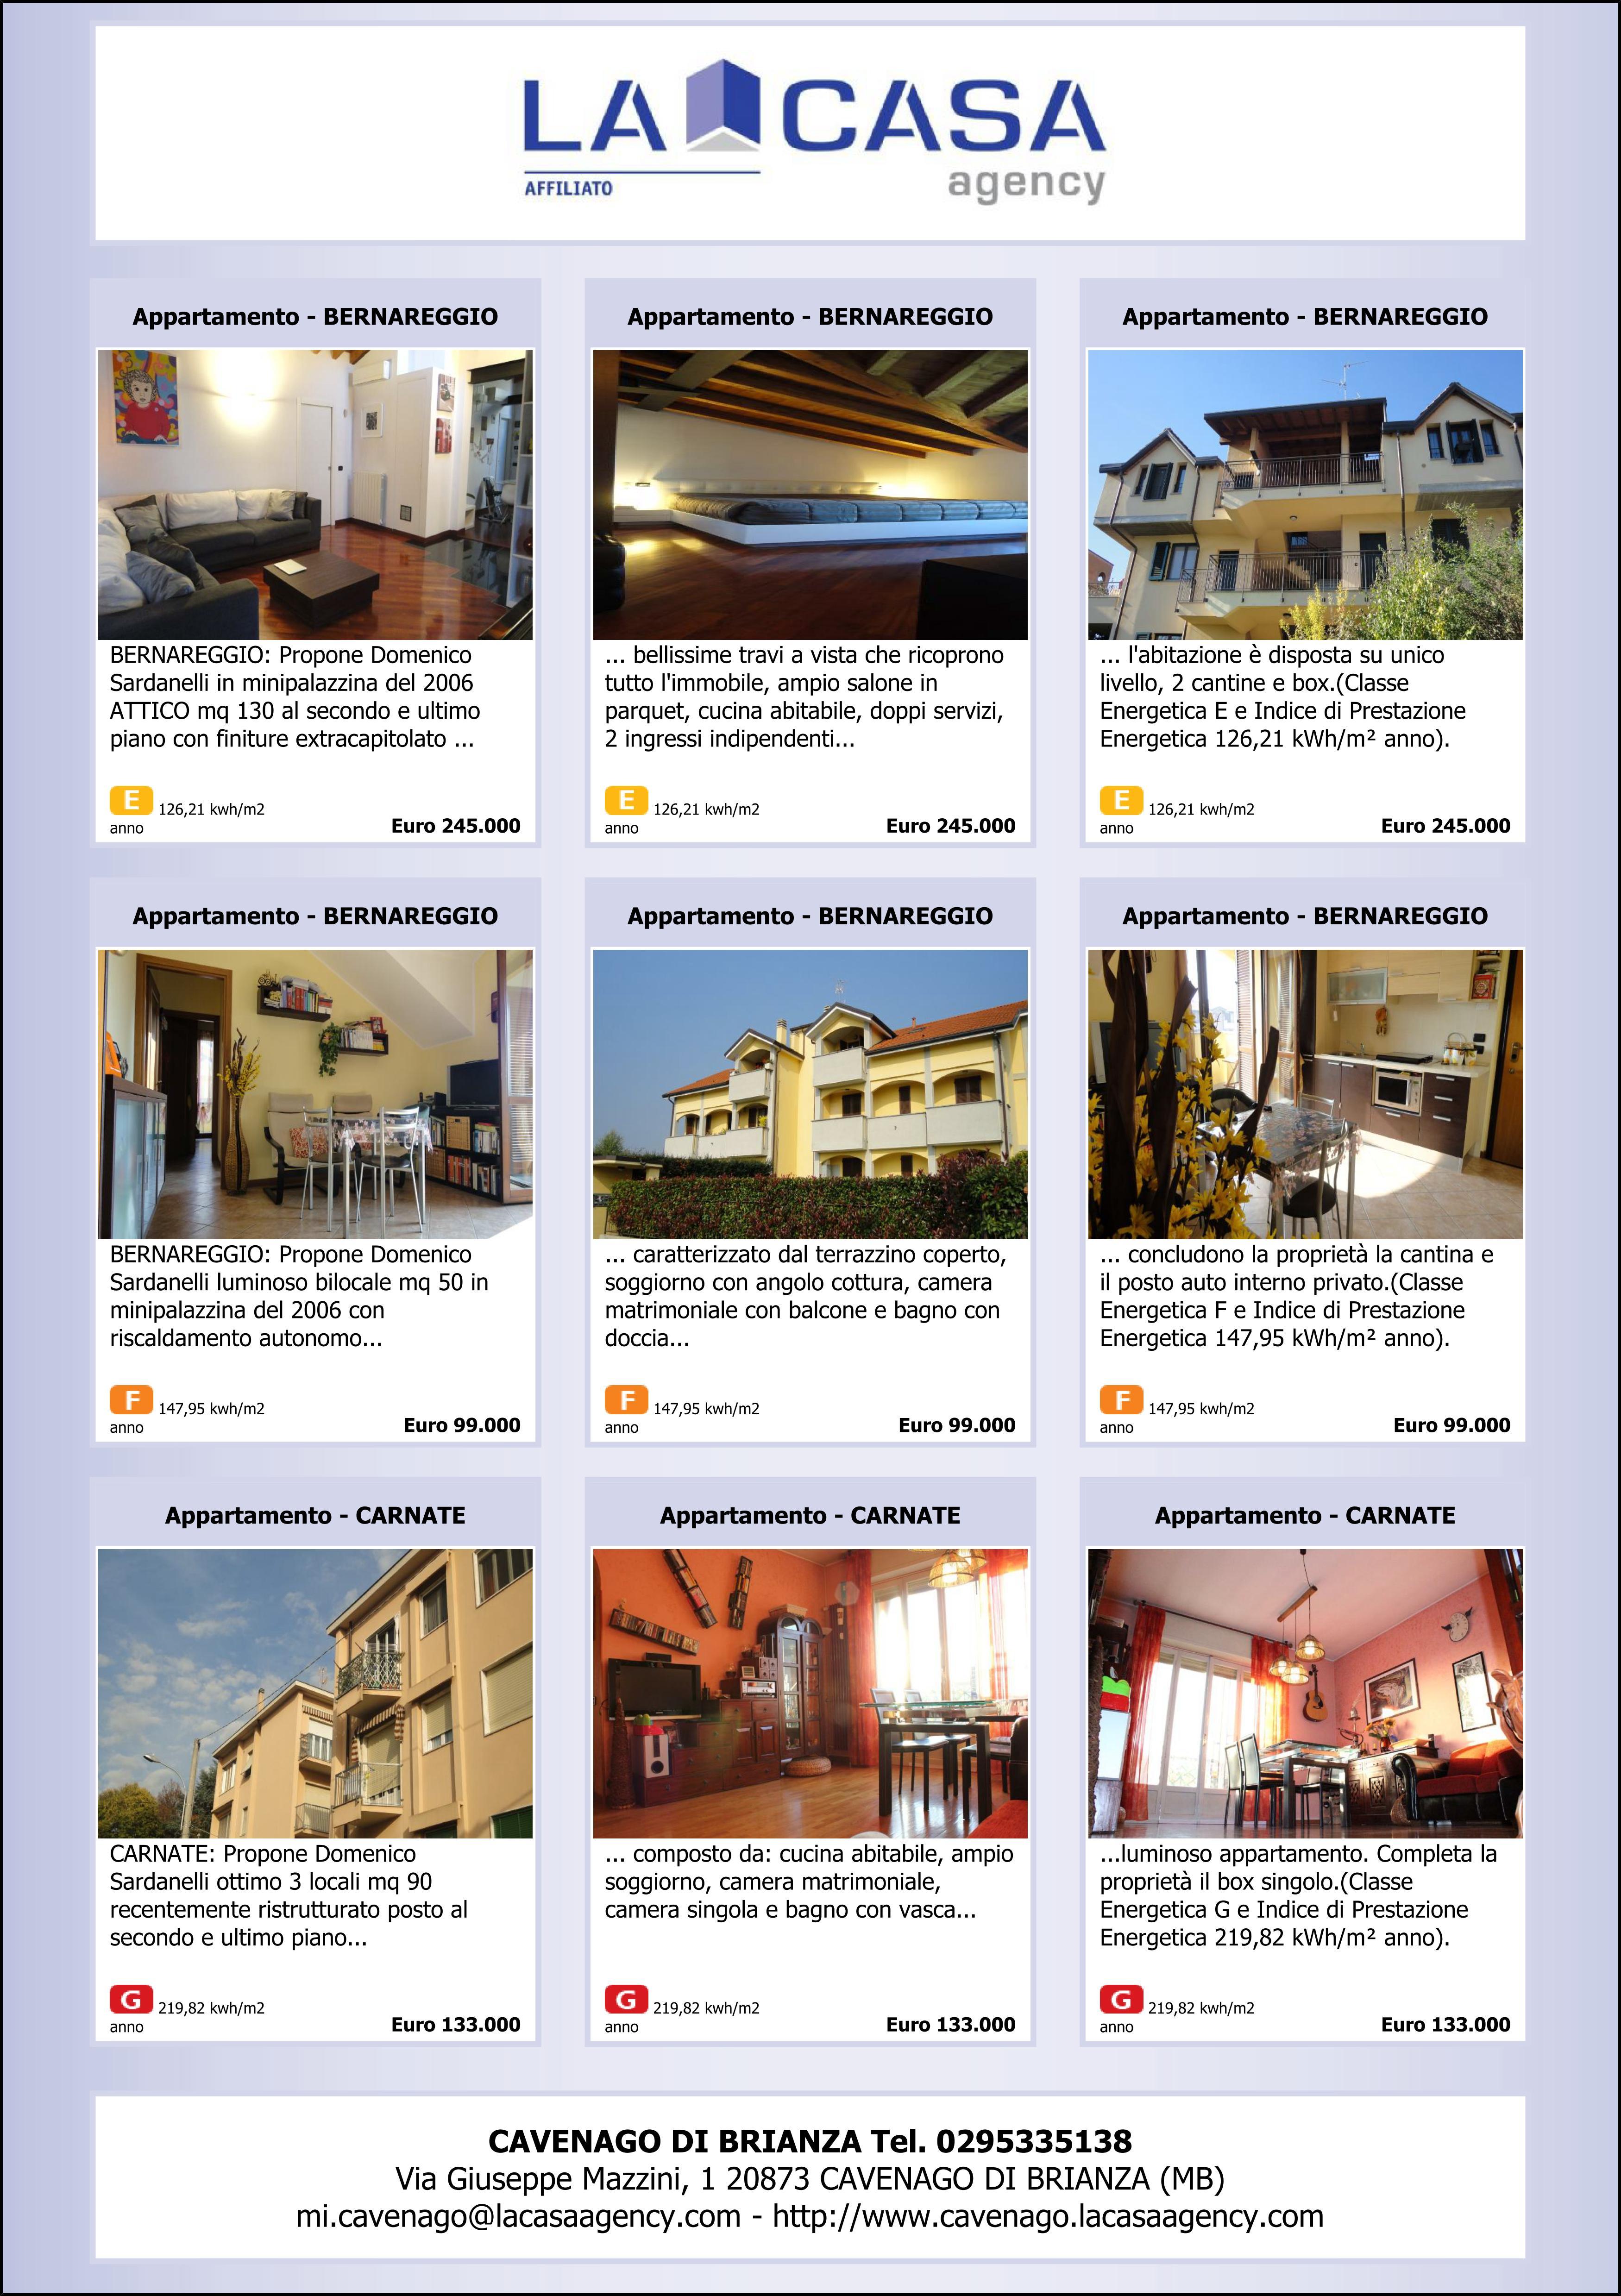 Abbiamo una casa da dirti 11 02 2013 case ville attici in vendita a milano brianza e liguria - Calcolo imposte acquisto seconda casa ...